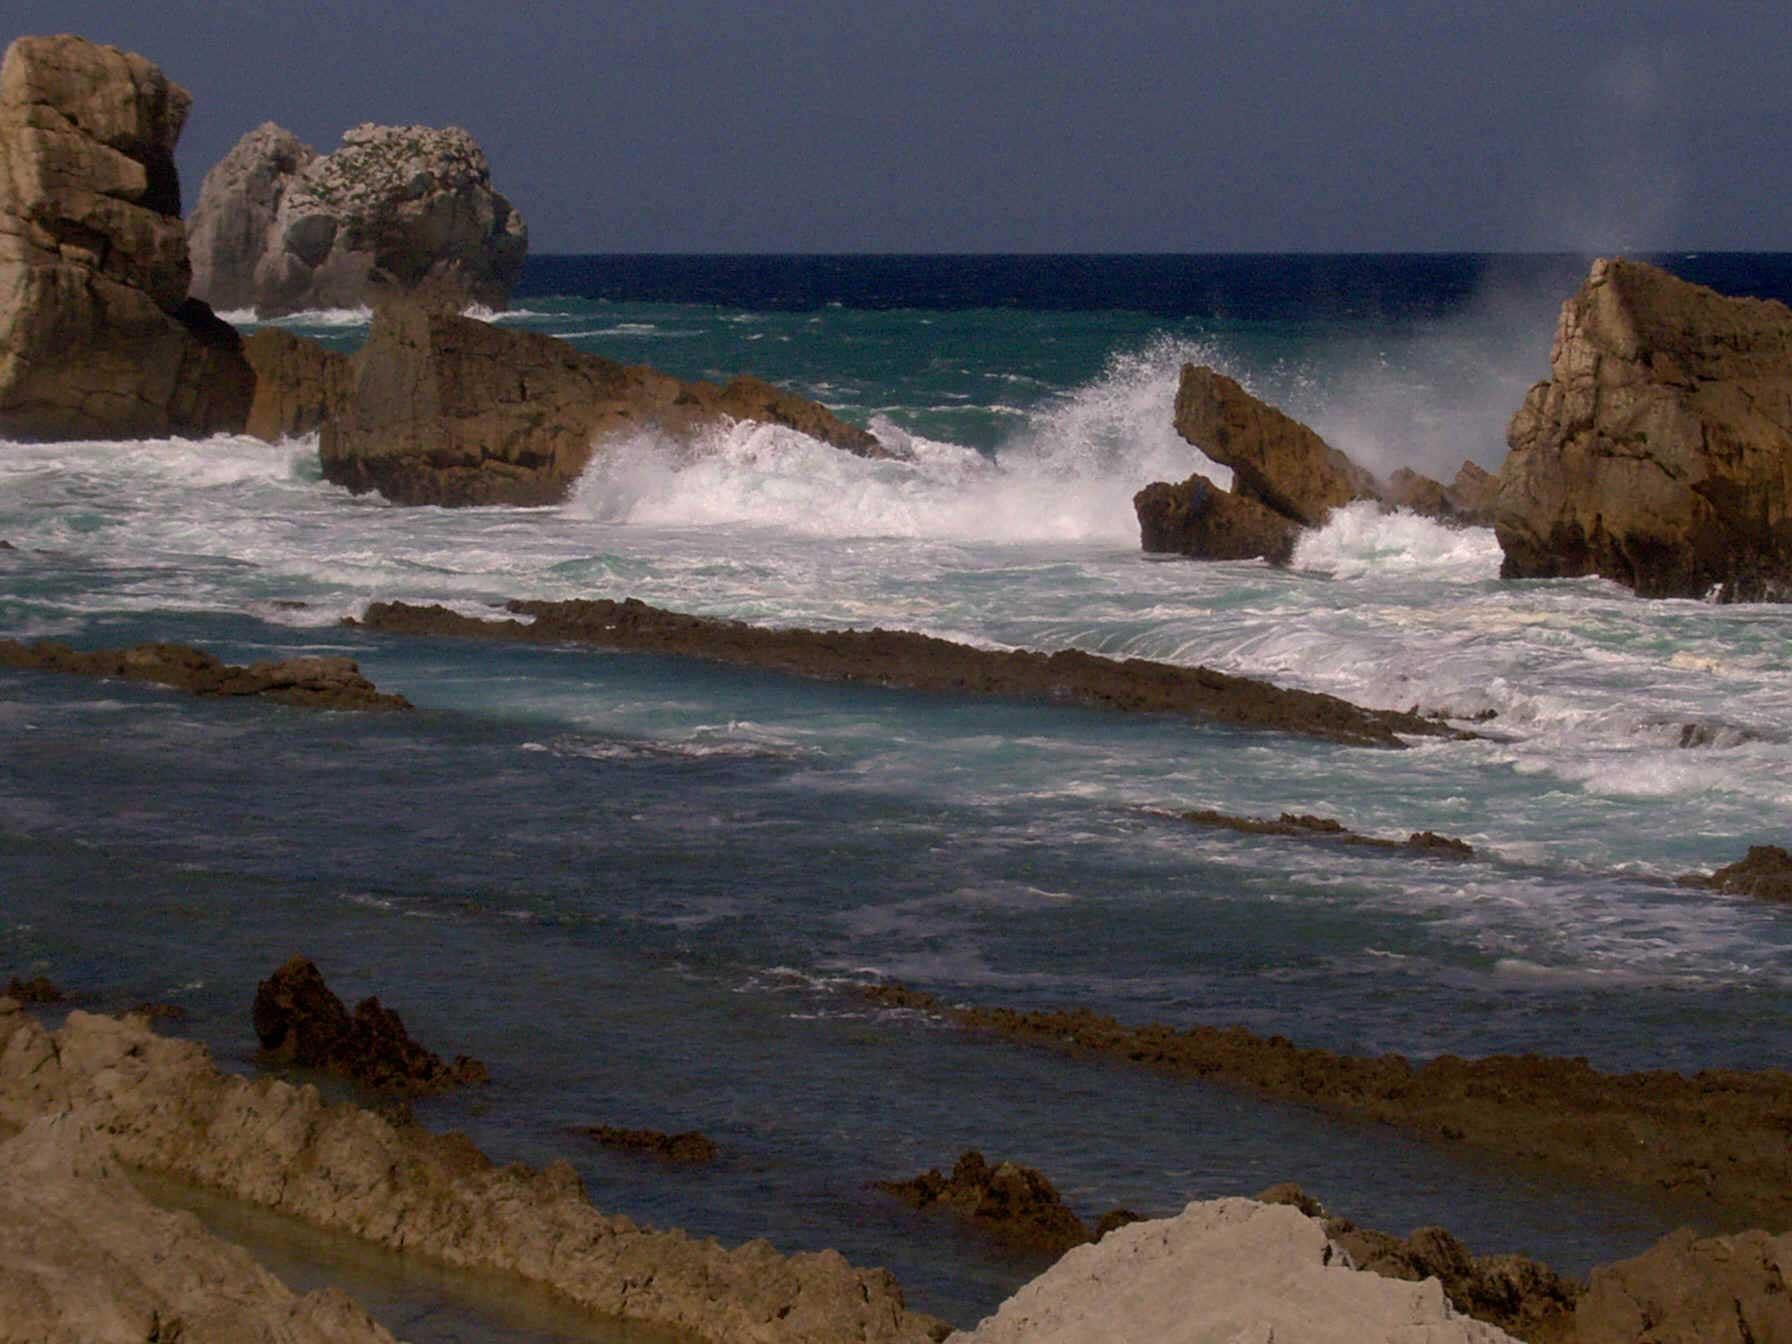 Erosión de la roca por el mar. Autores: De Mier y Leva